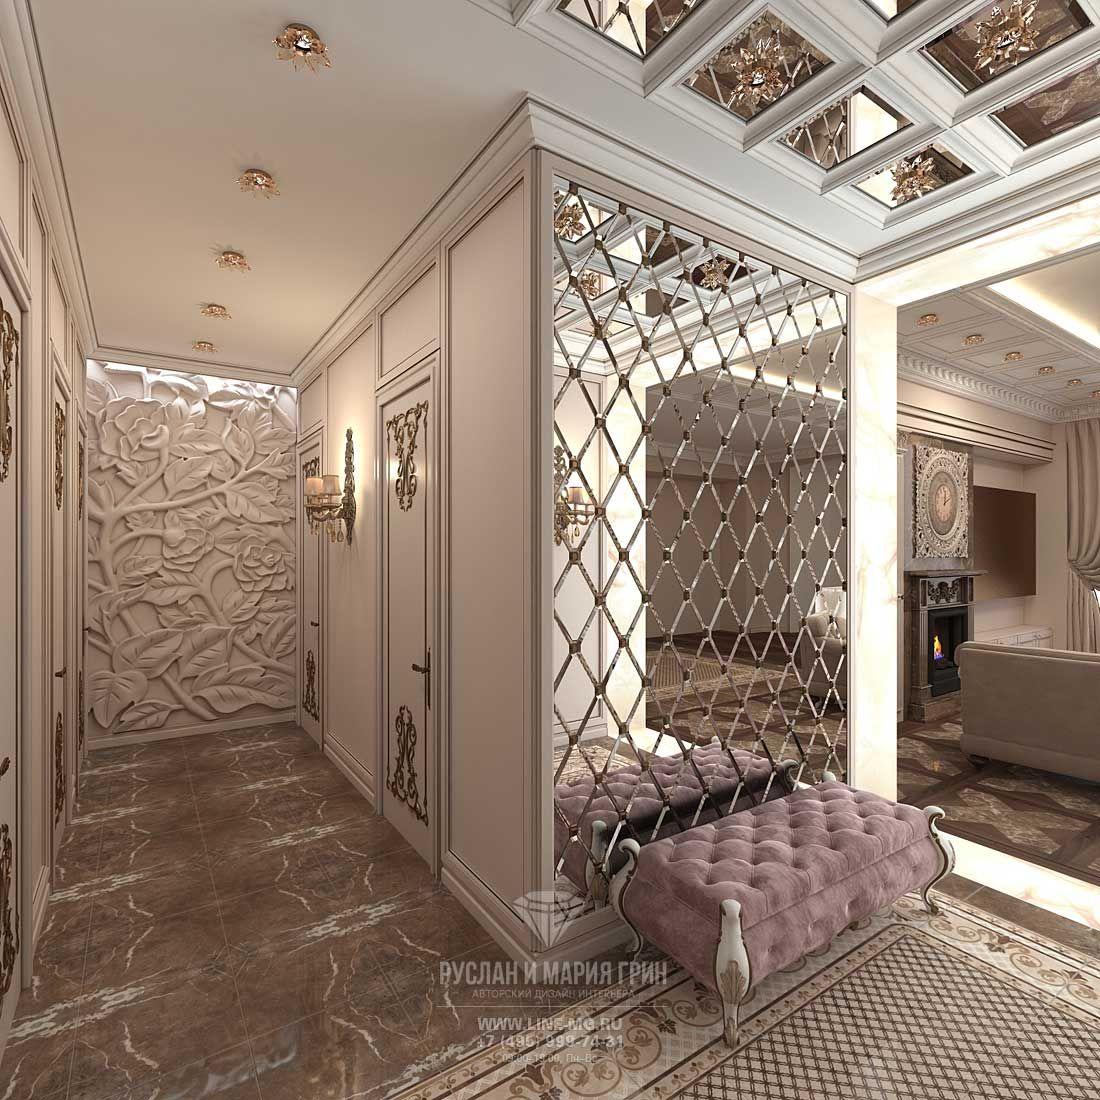 Дизайн коридоры 2017-2018 современные идеи